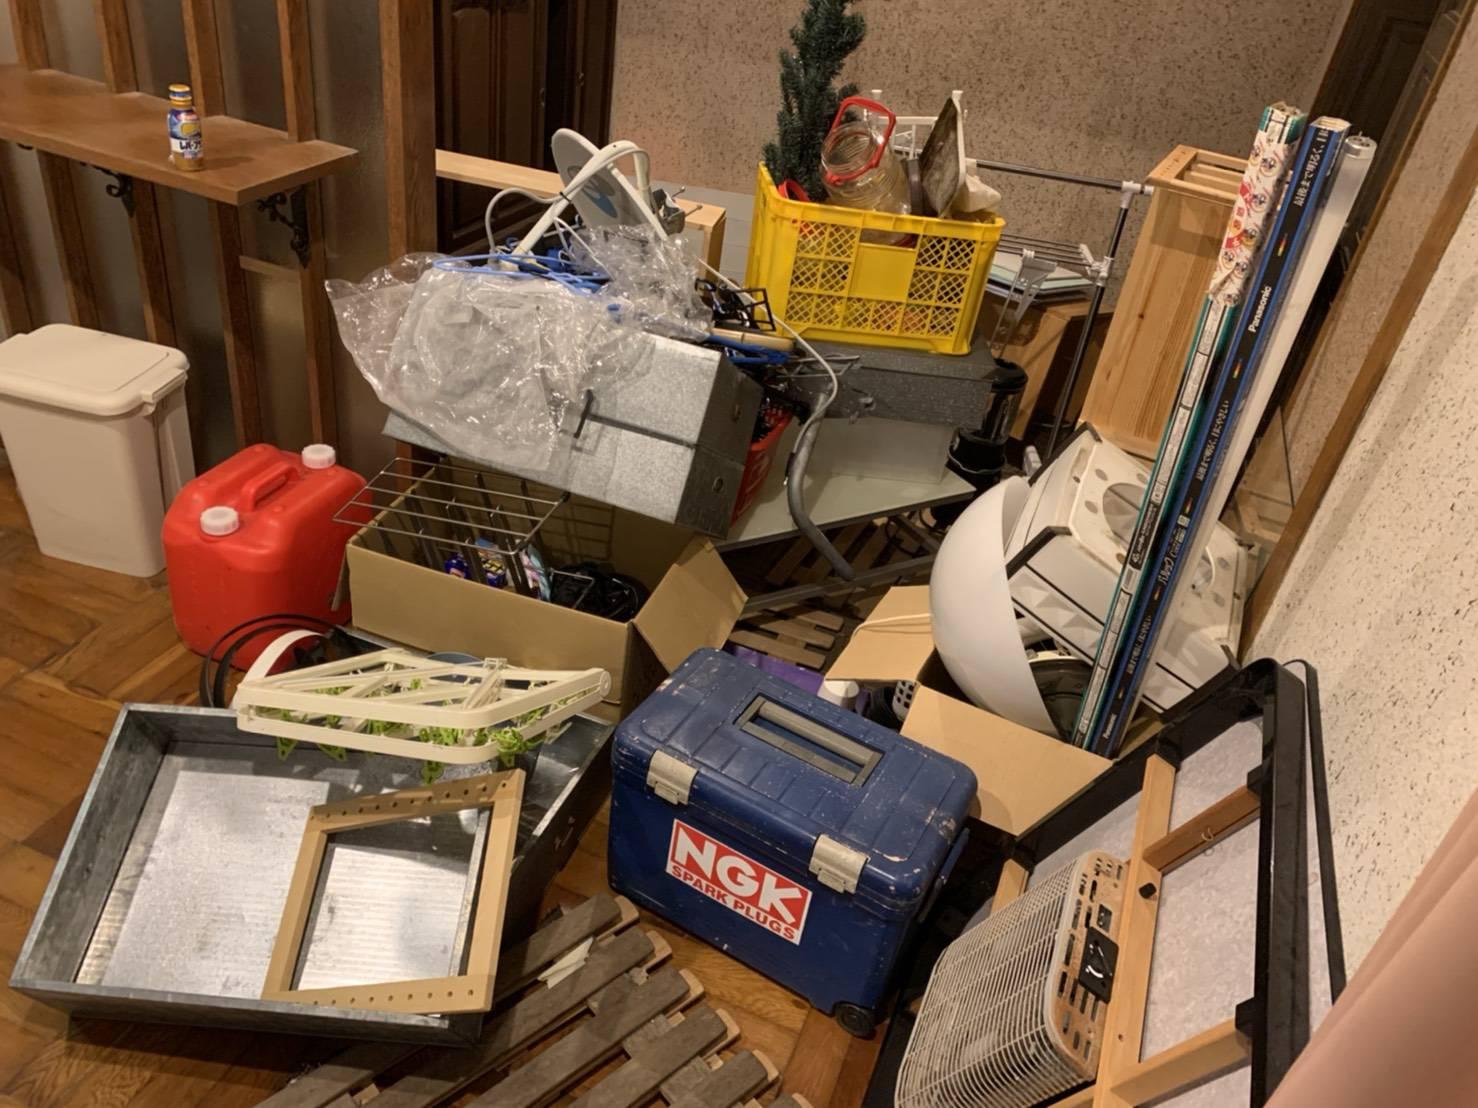 コタツ、収納箱、その他の不用品の回収前